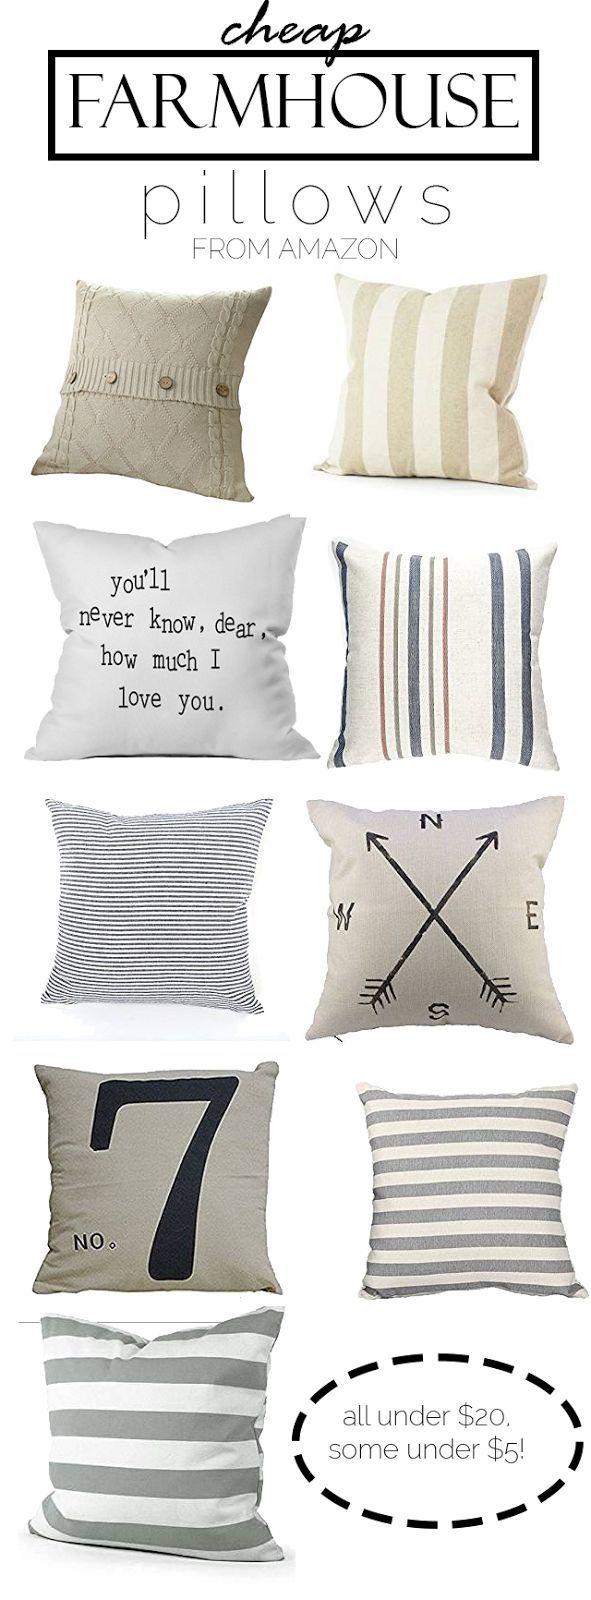 Cheap Farmhouse Pillows On Amazon Cheap home decor